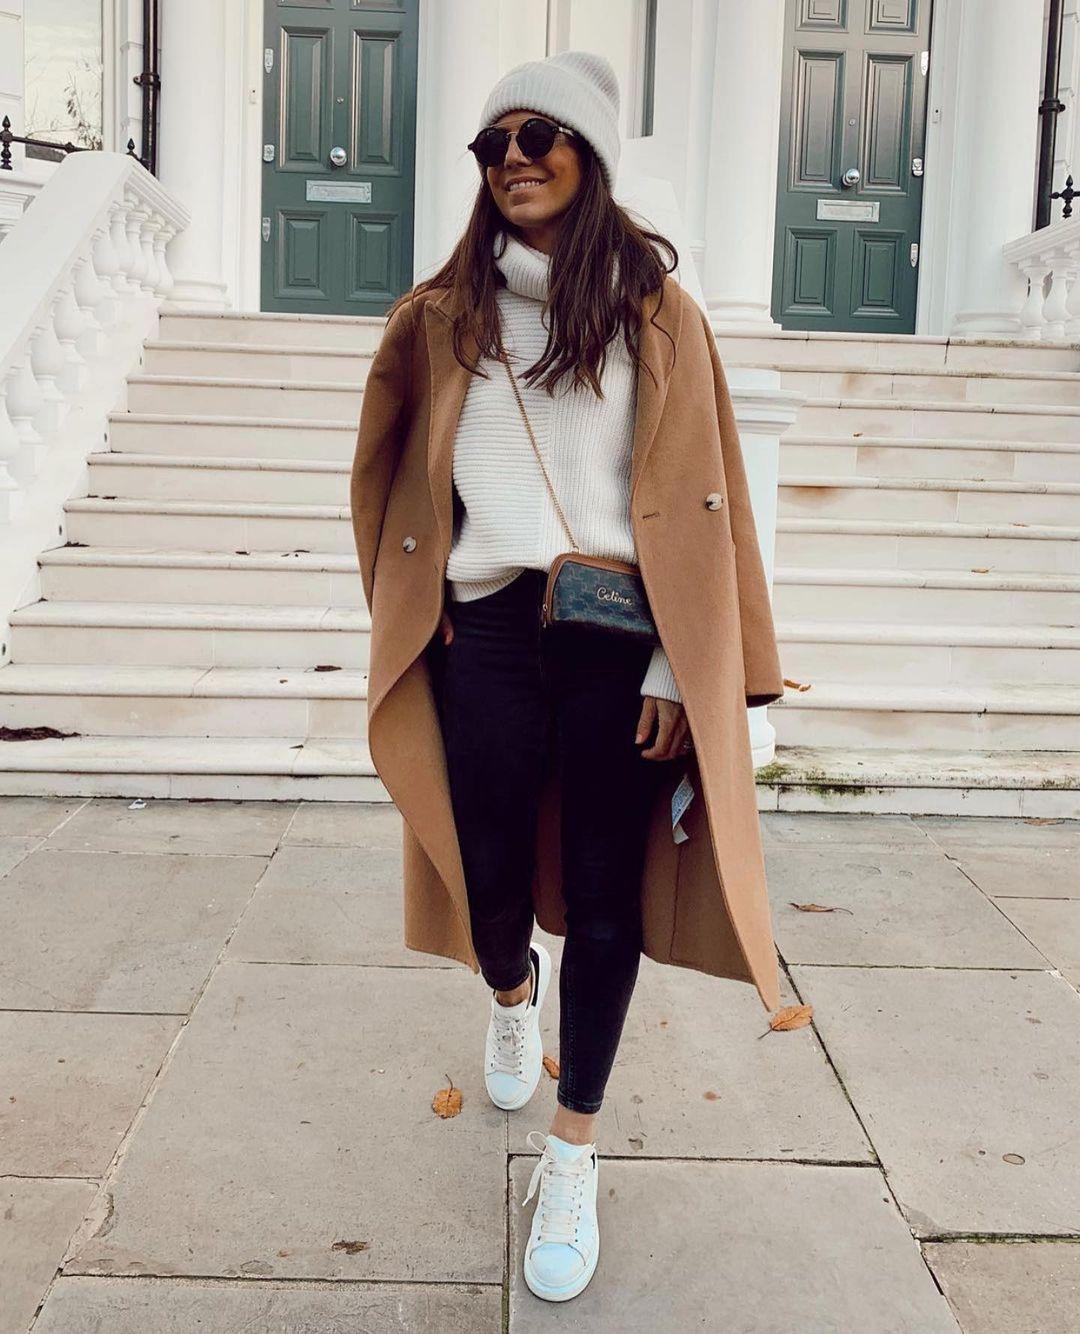 manteau édition limitée de Zara sur zara.outfits